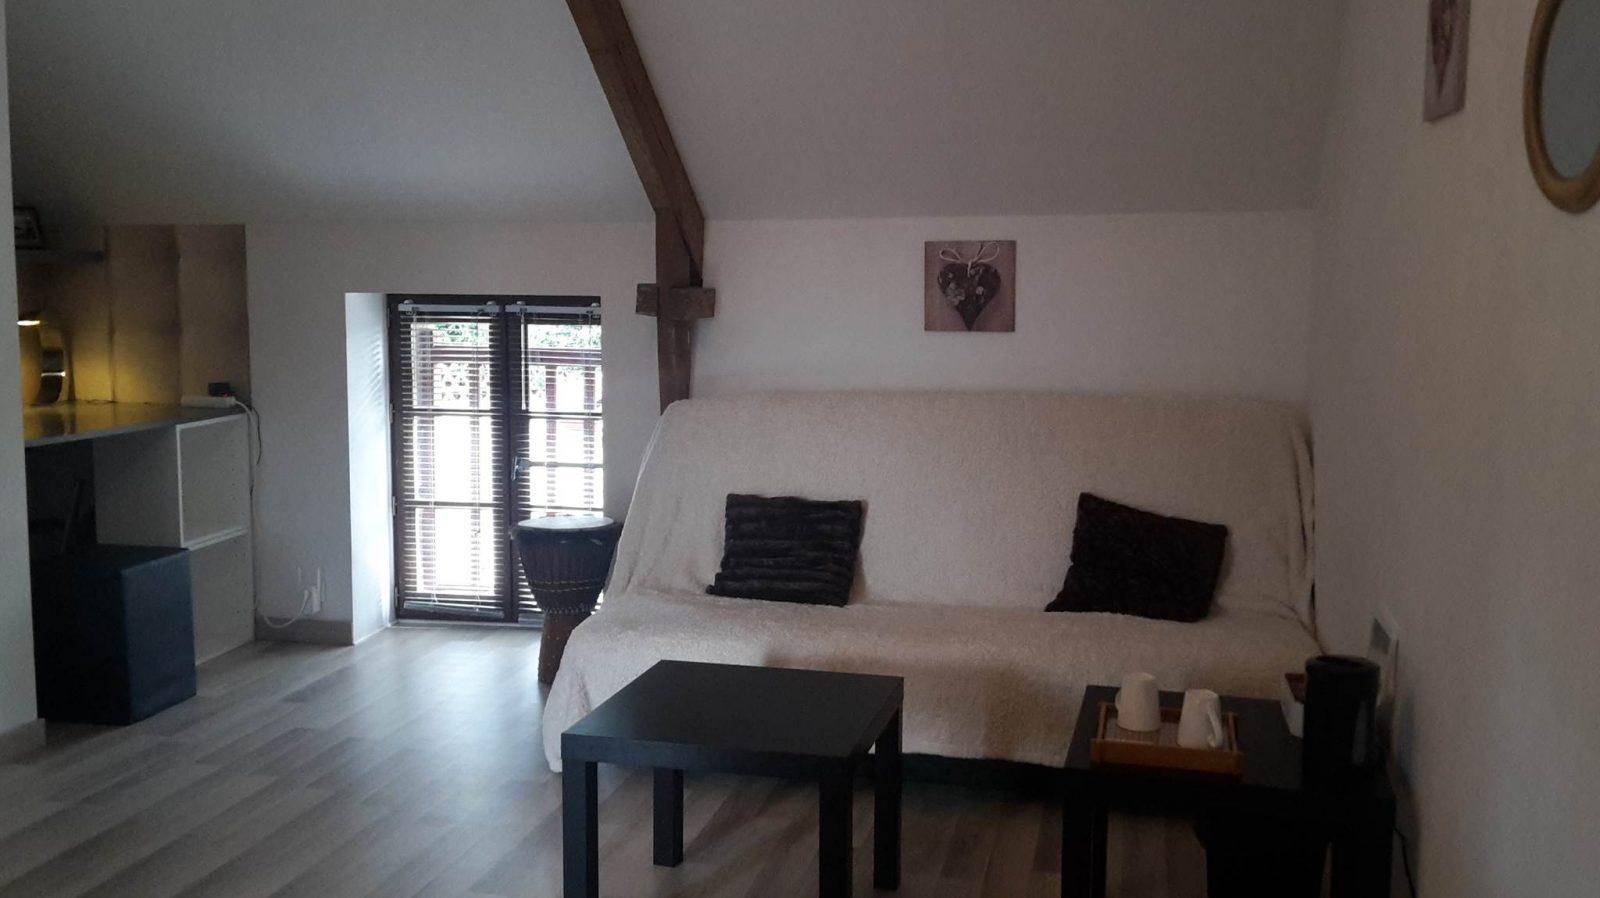 Chambre d'hôtes Ty Men – La Roche-Bernard-Tourisme Arc Sud Bretagne